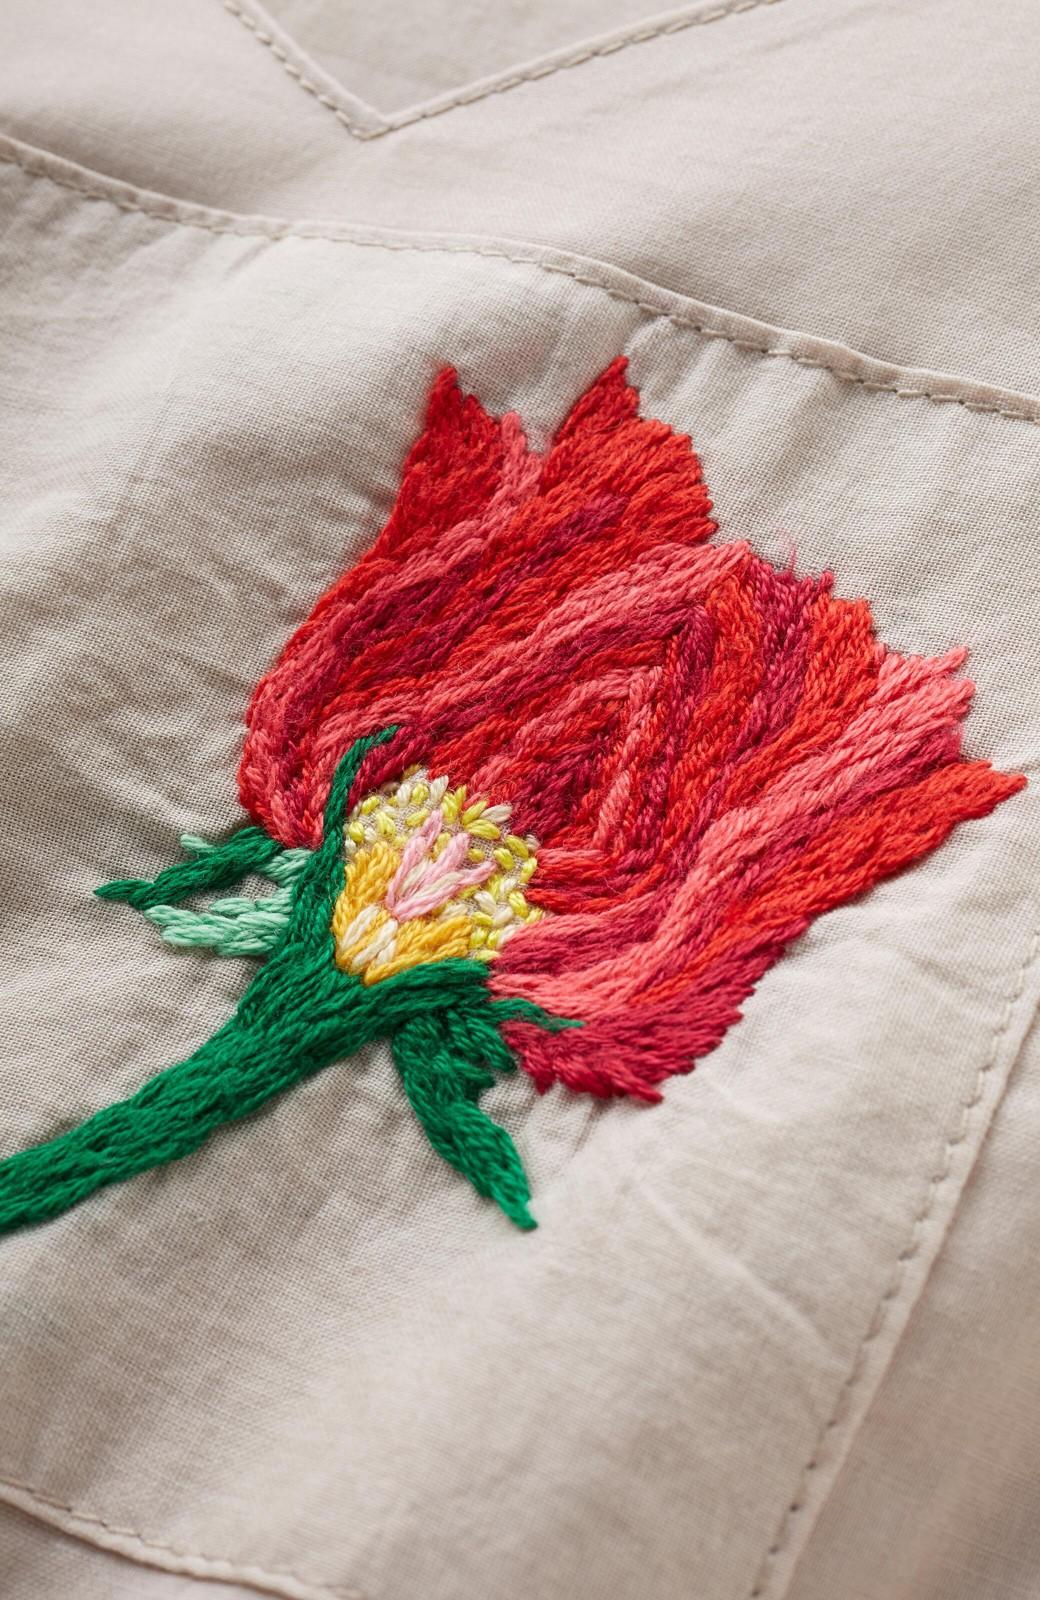 haco! 絡み合う薔薇の刺繍とチラリとのぞくオリジナルプリントが色っぽい オーガニックコットンのワンピース from Stitch by Stitch <ライトベージュ>の商品写真6